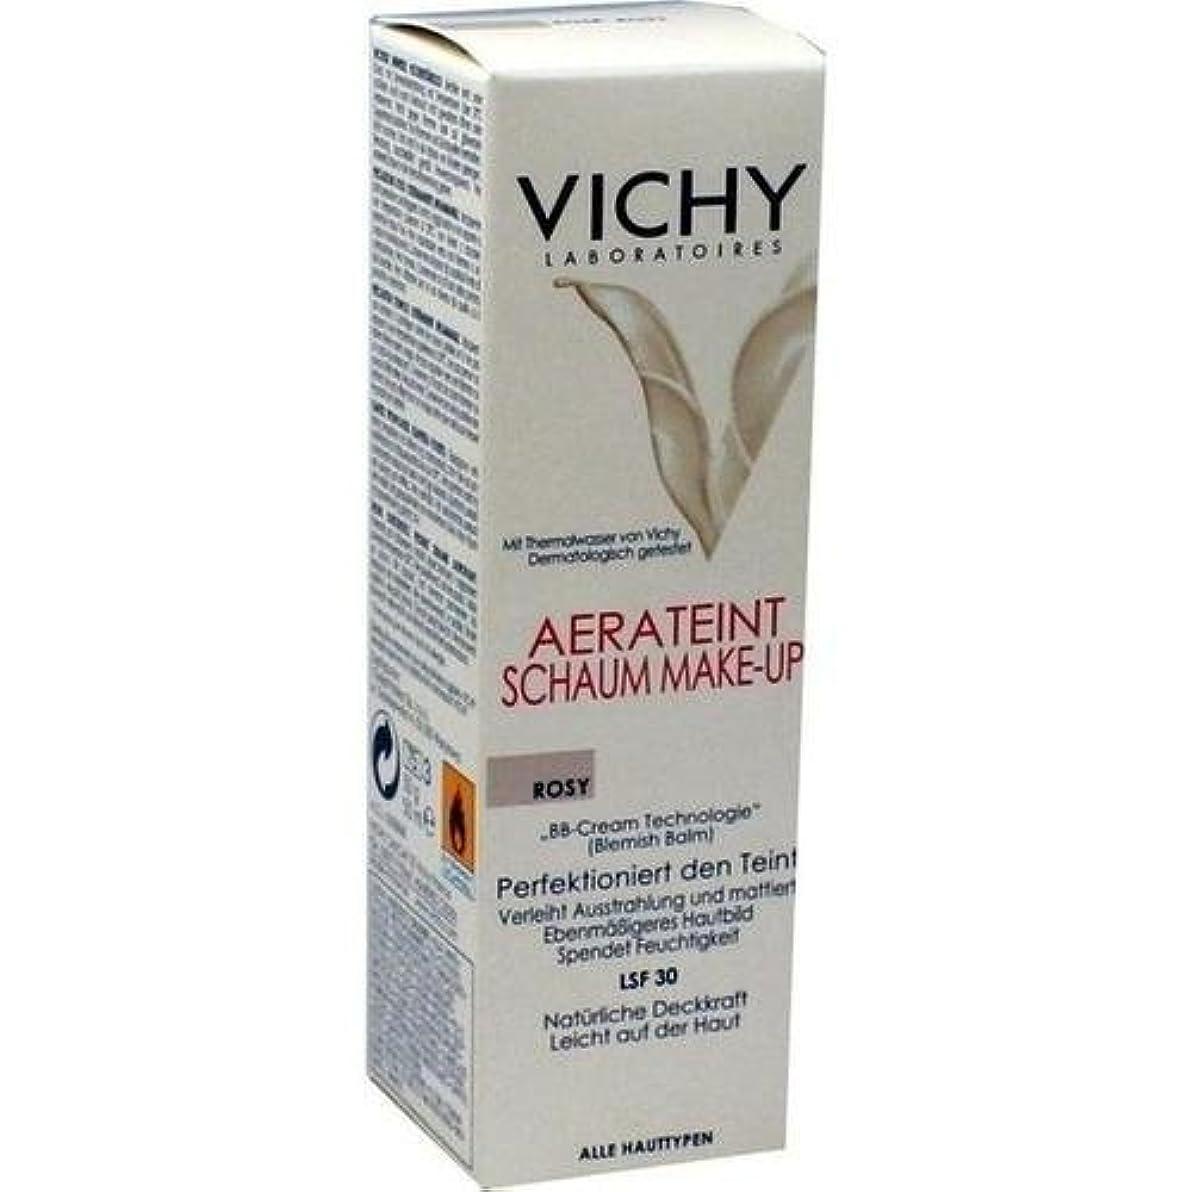 繁栄する権限流体Vichy Aerateint Make-Up rose, 50 ml